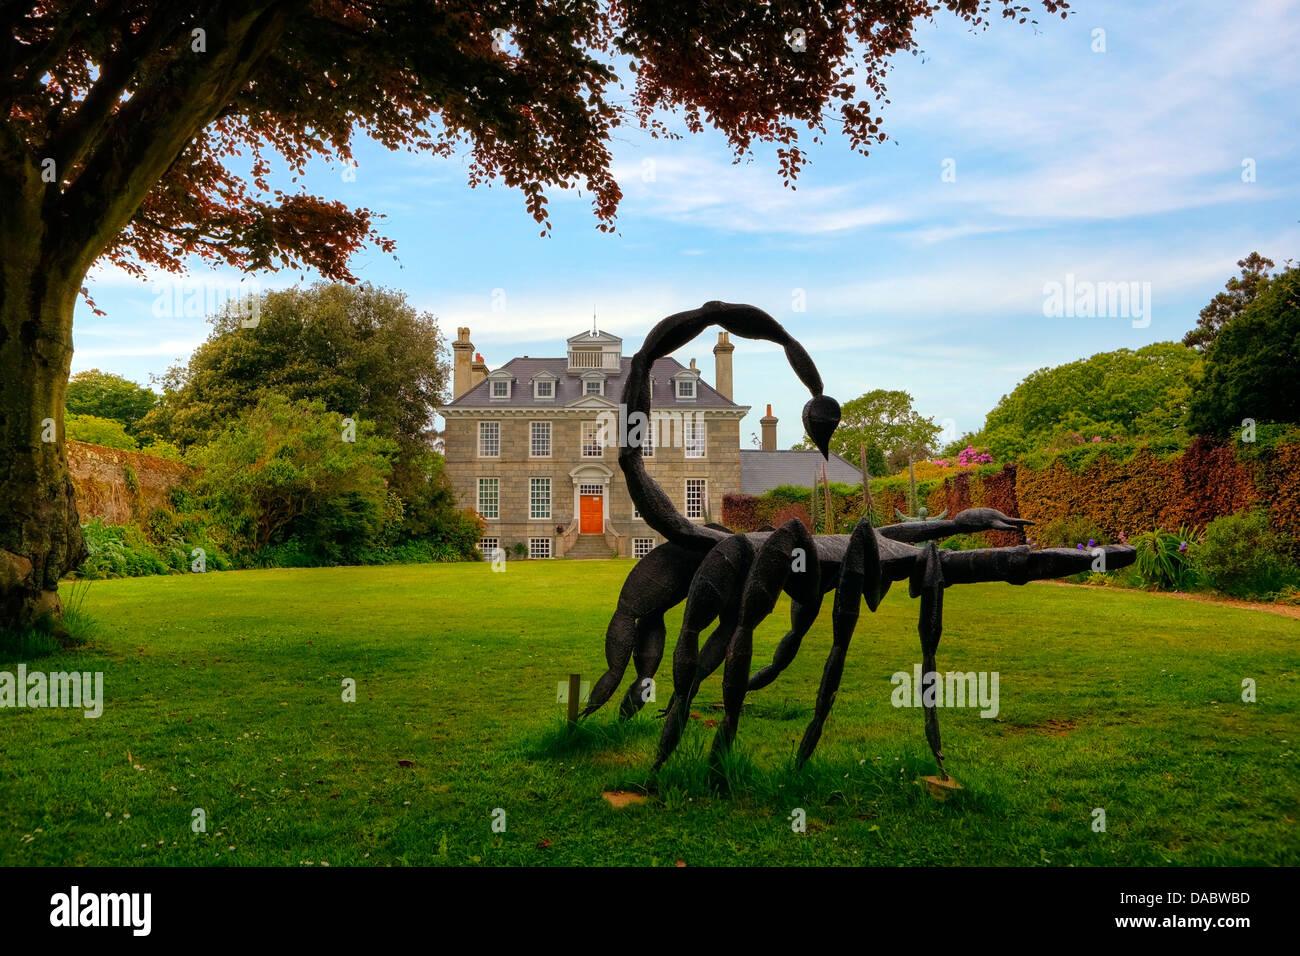 Sausmarez Manor, Guernsey, United Kingdom - Stock Image